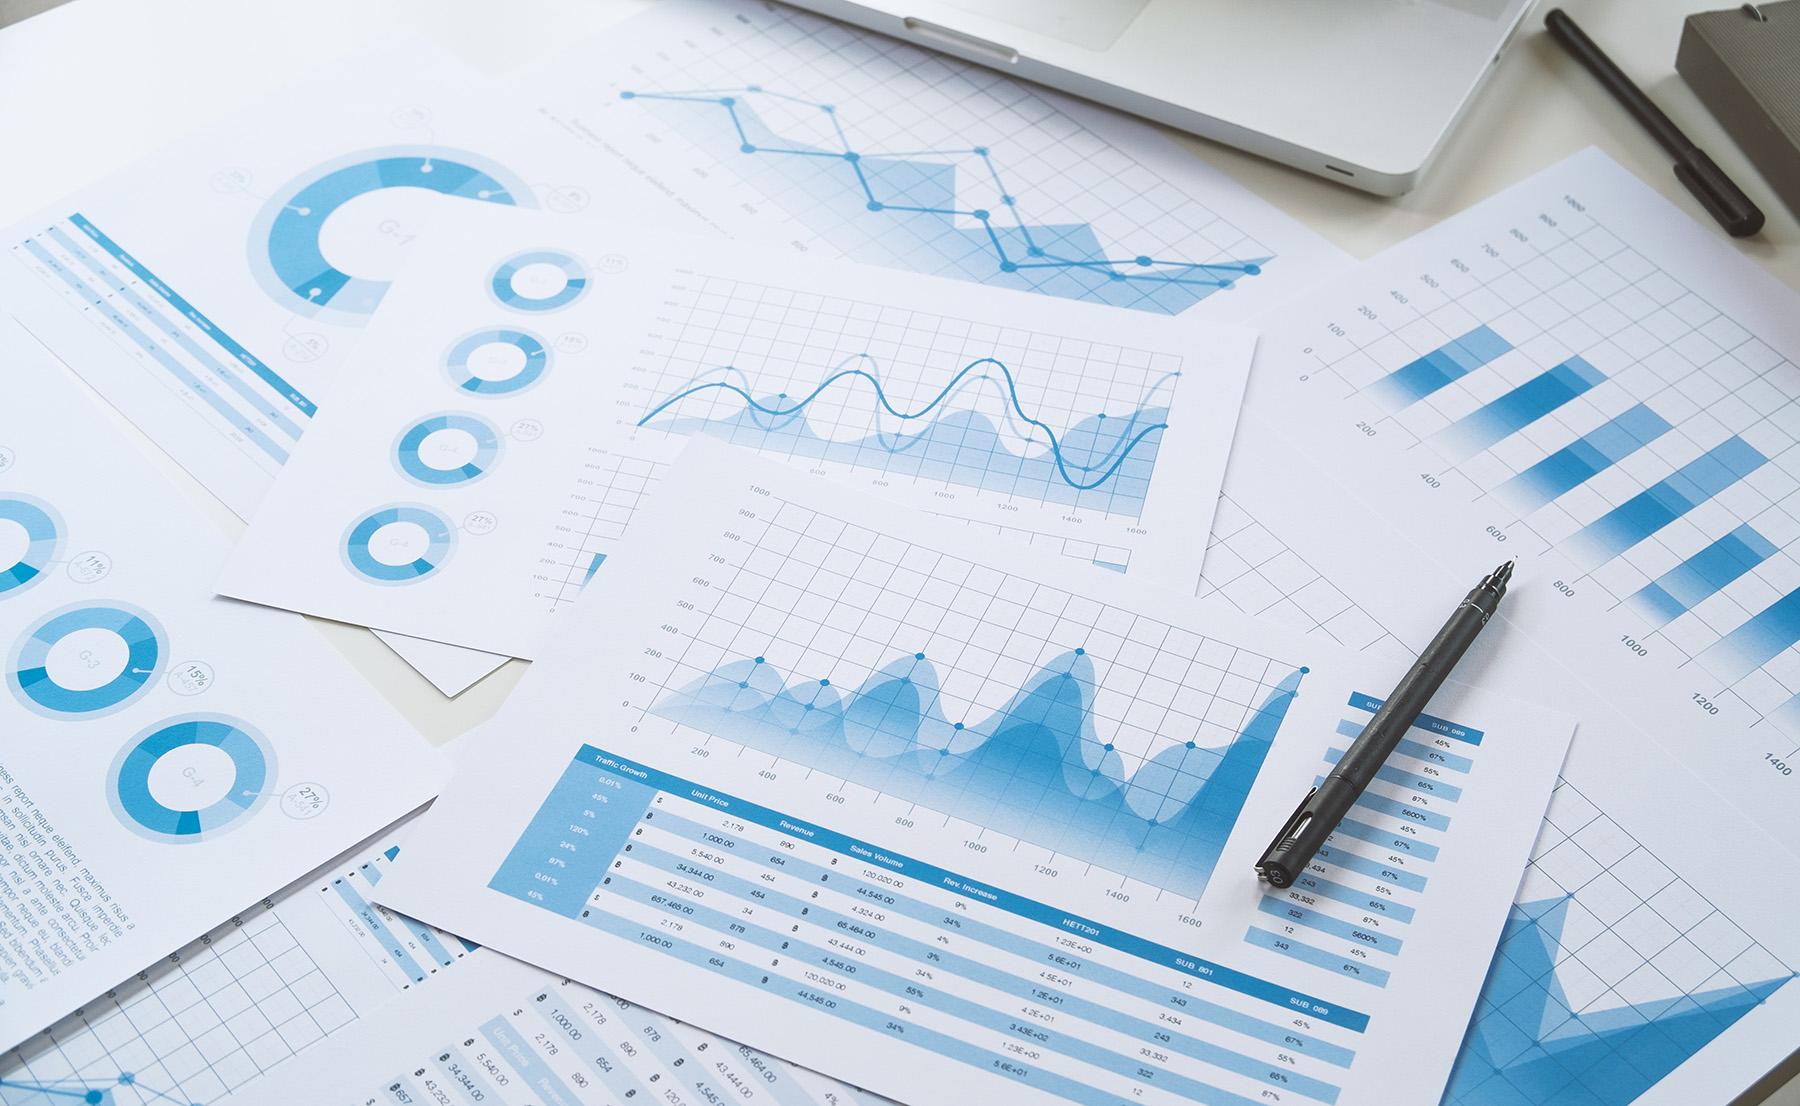 SEOeffekt - Umfangreiche SEO Analysen gehören zum Alltag einer SEO Agentur